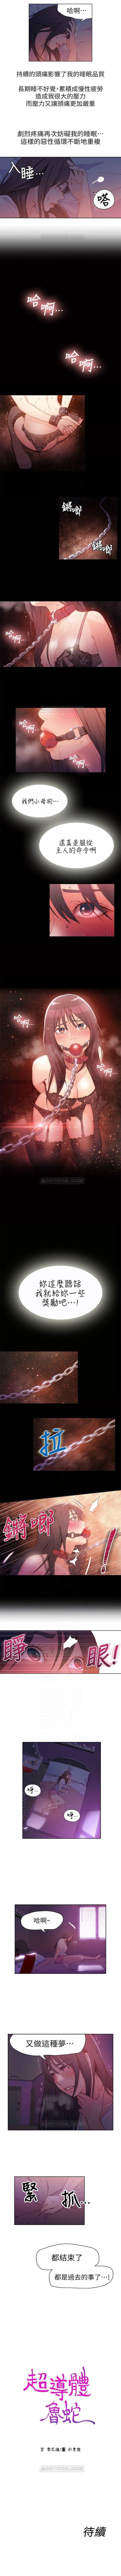 (周7)超导体鲁蛇(超级吸引力) 1-14 中文翻译(更新中) 65